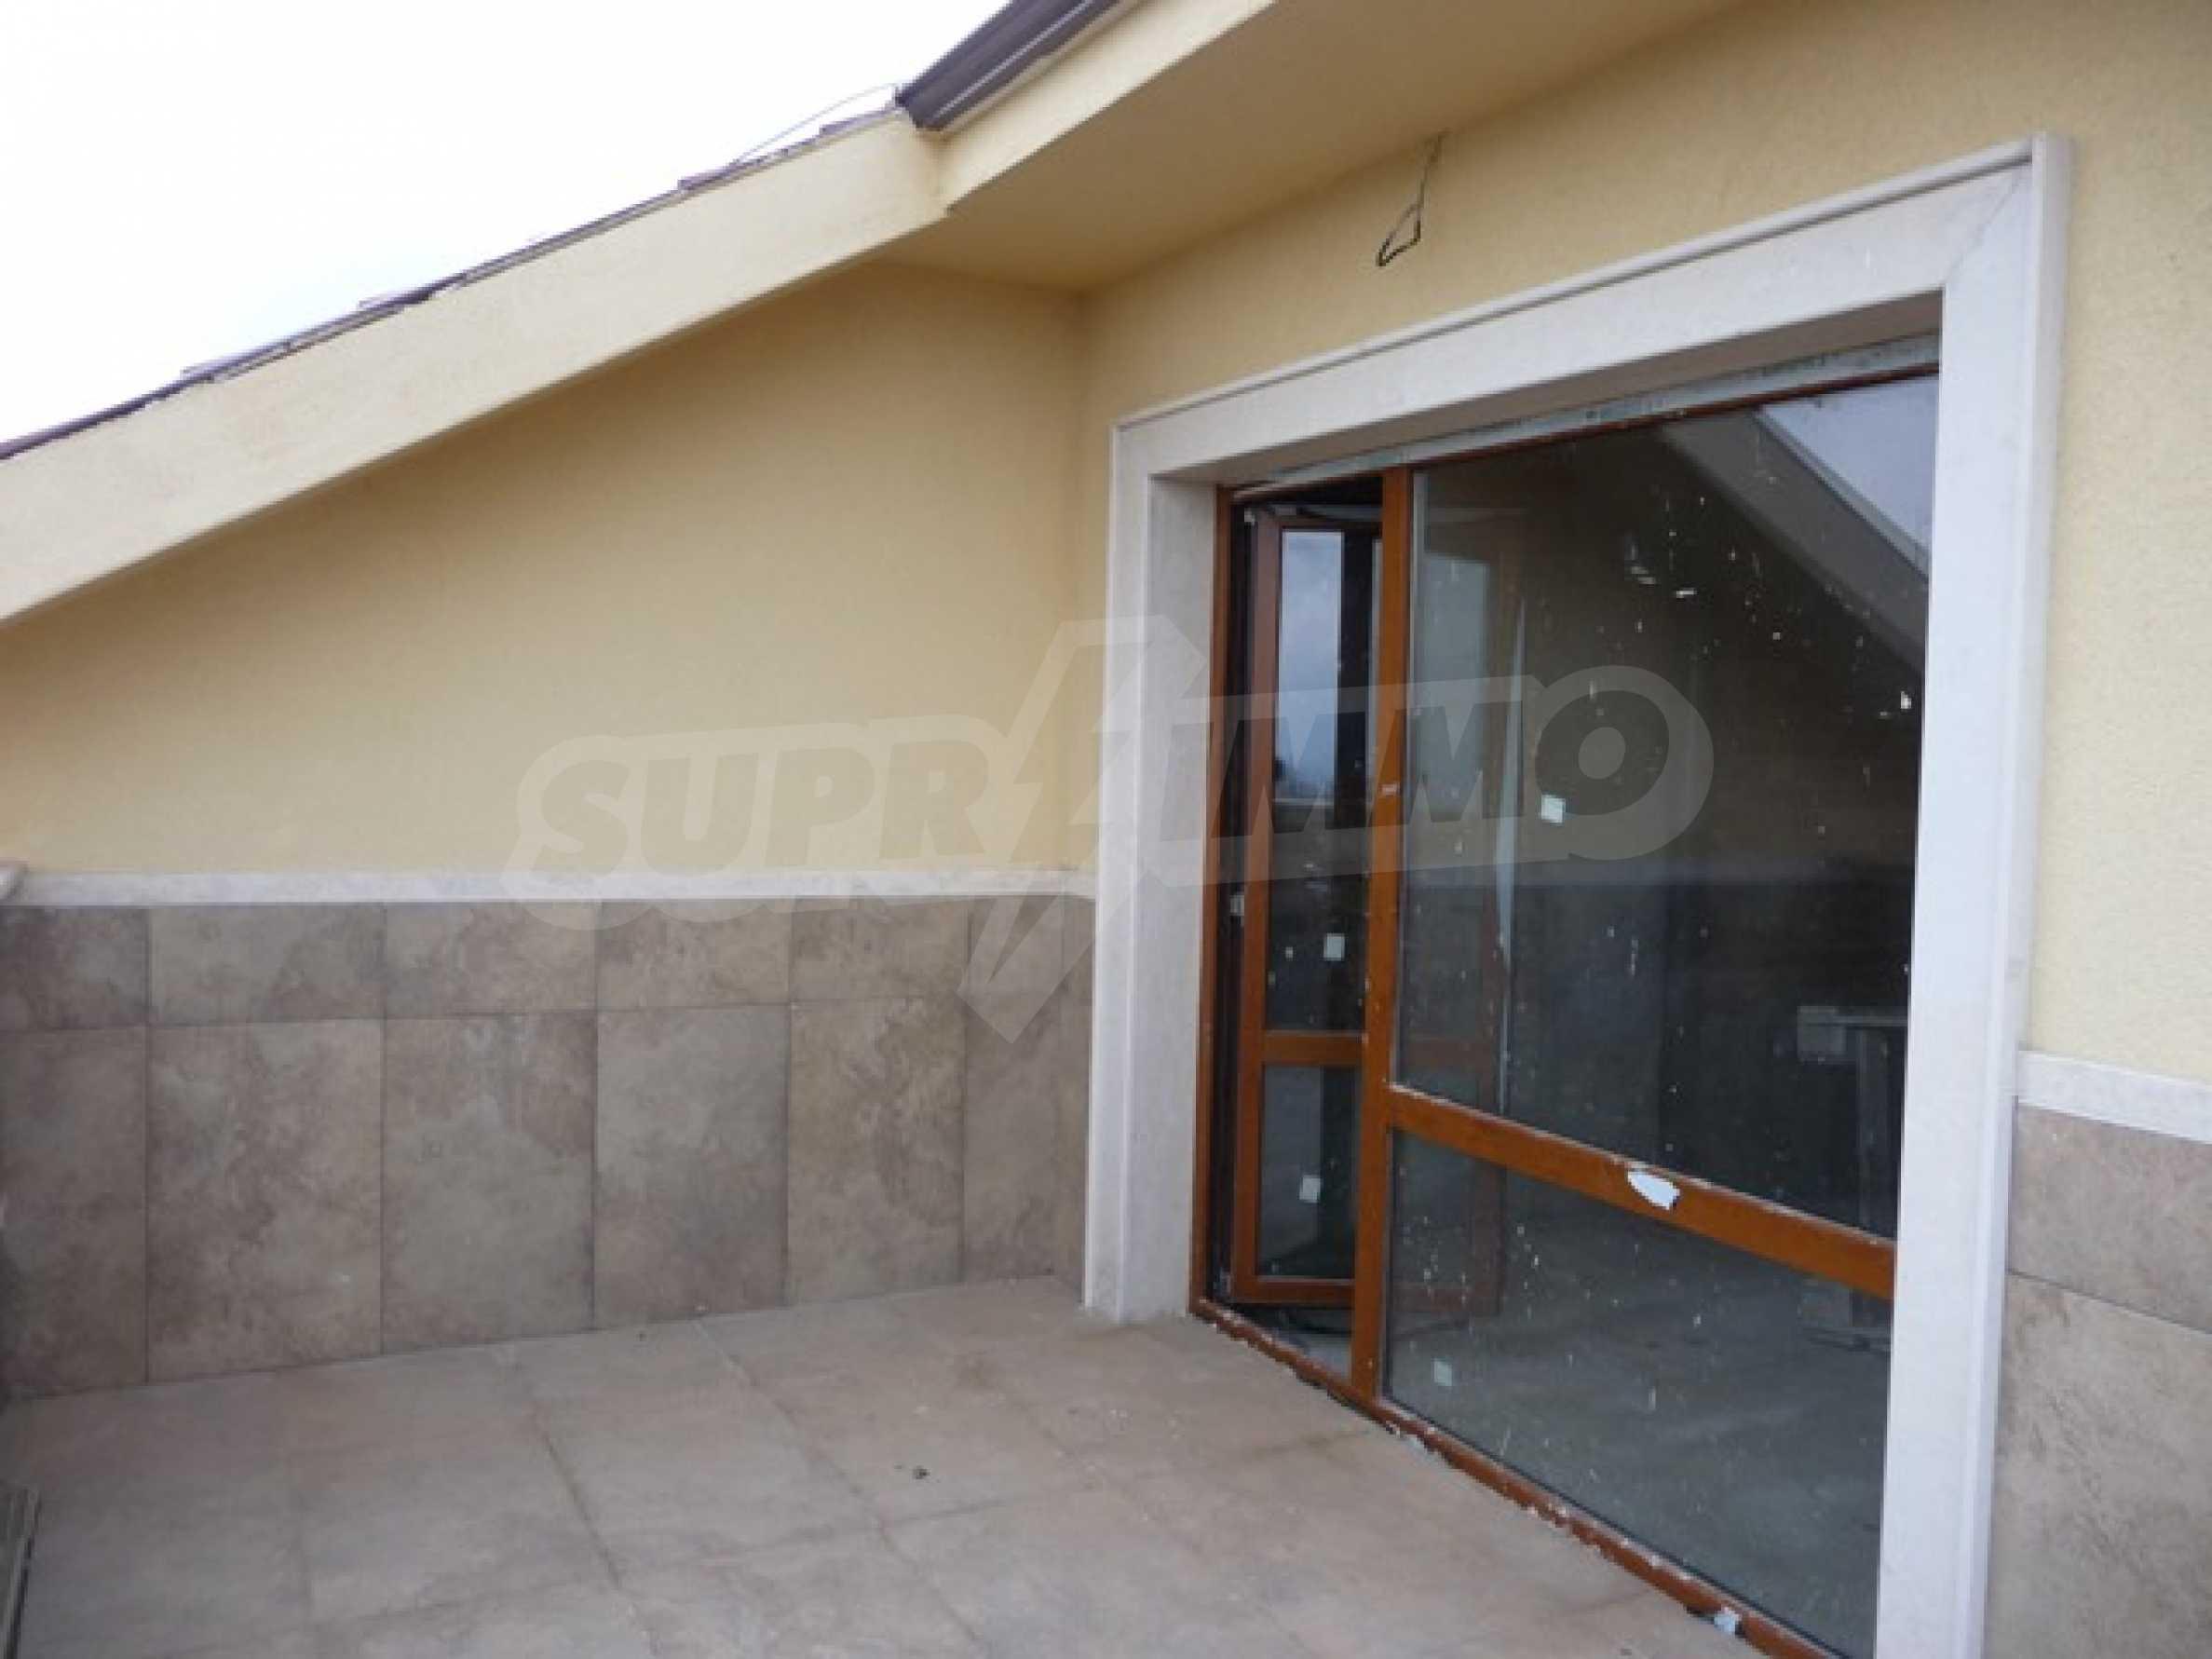 Еднофамилни двуетажни къщи в живописна зона между Варна и Златни пясъци 45